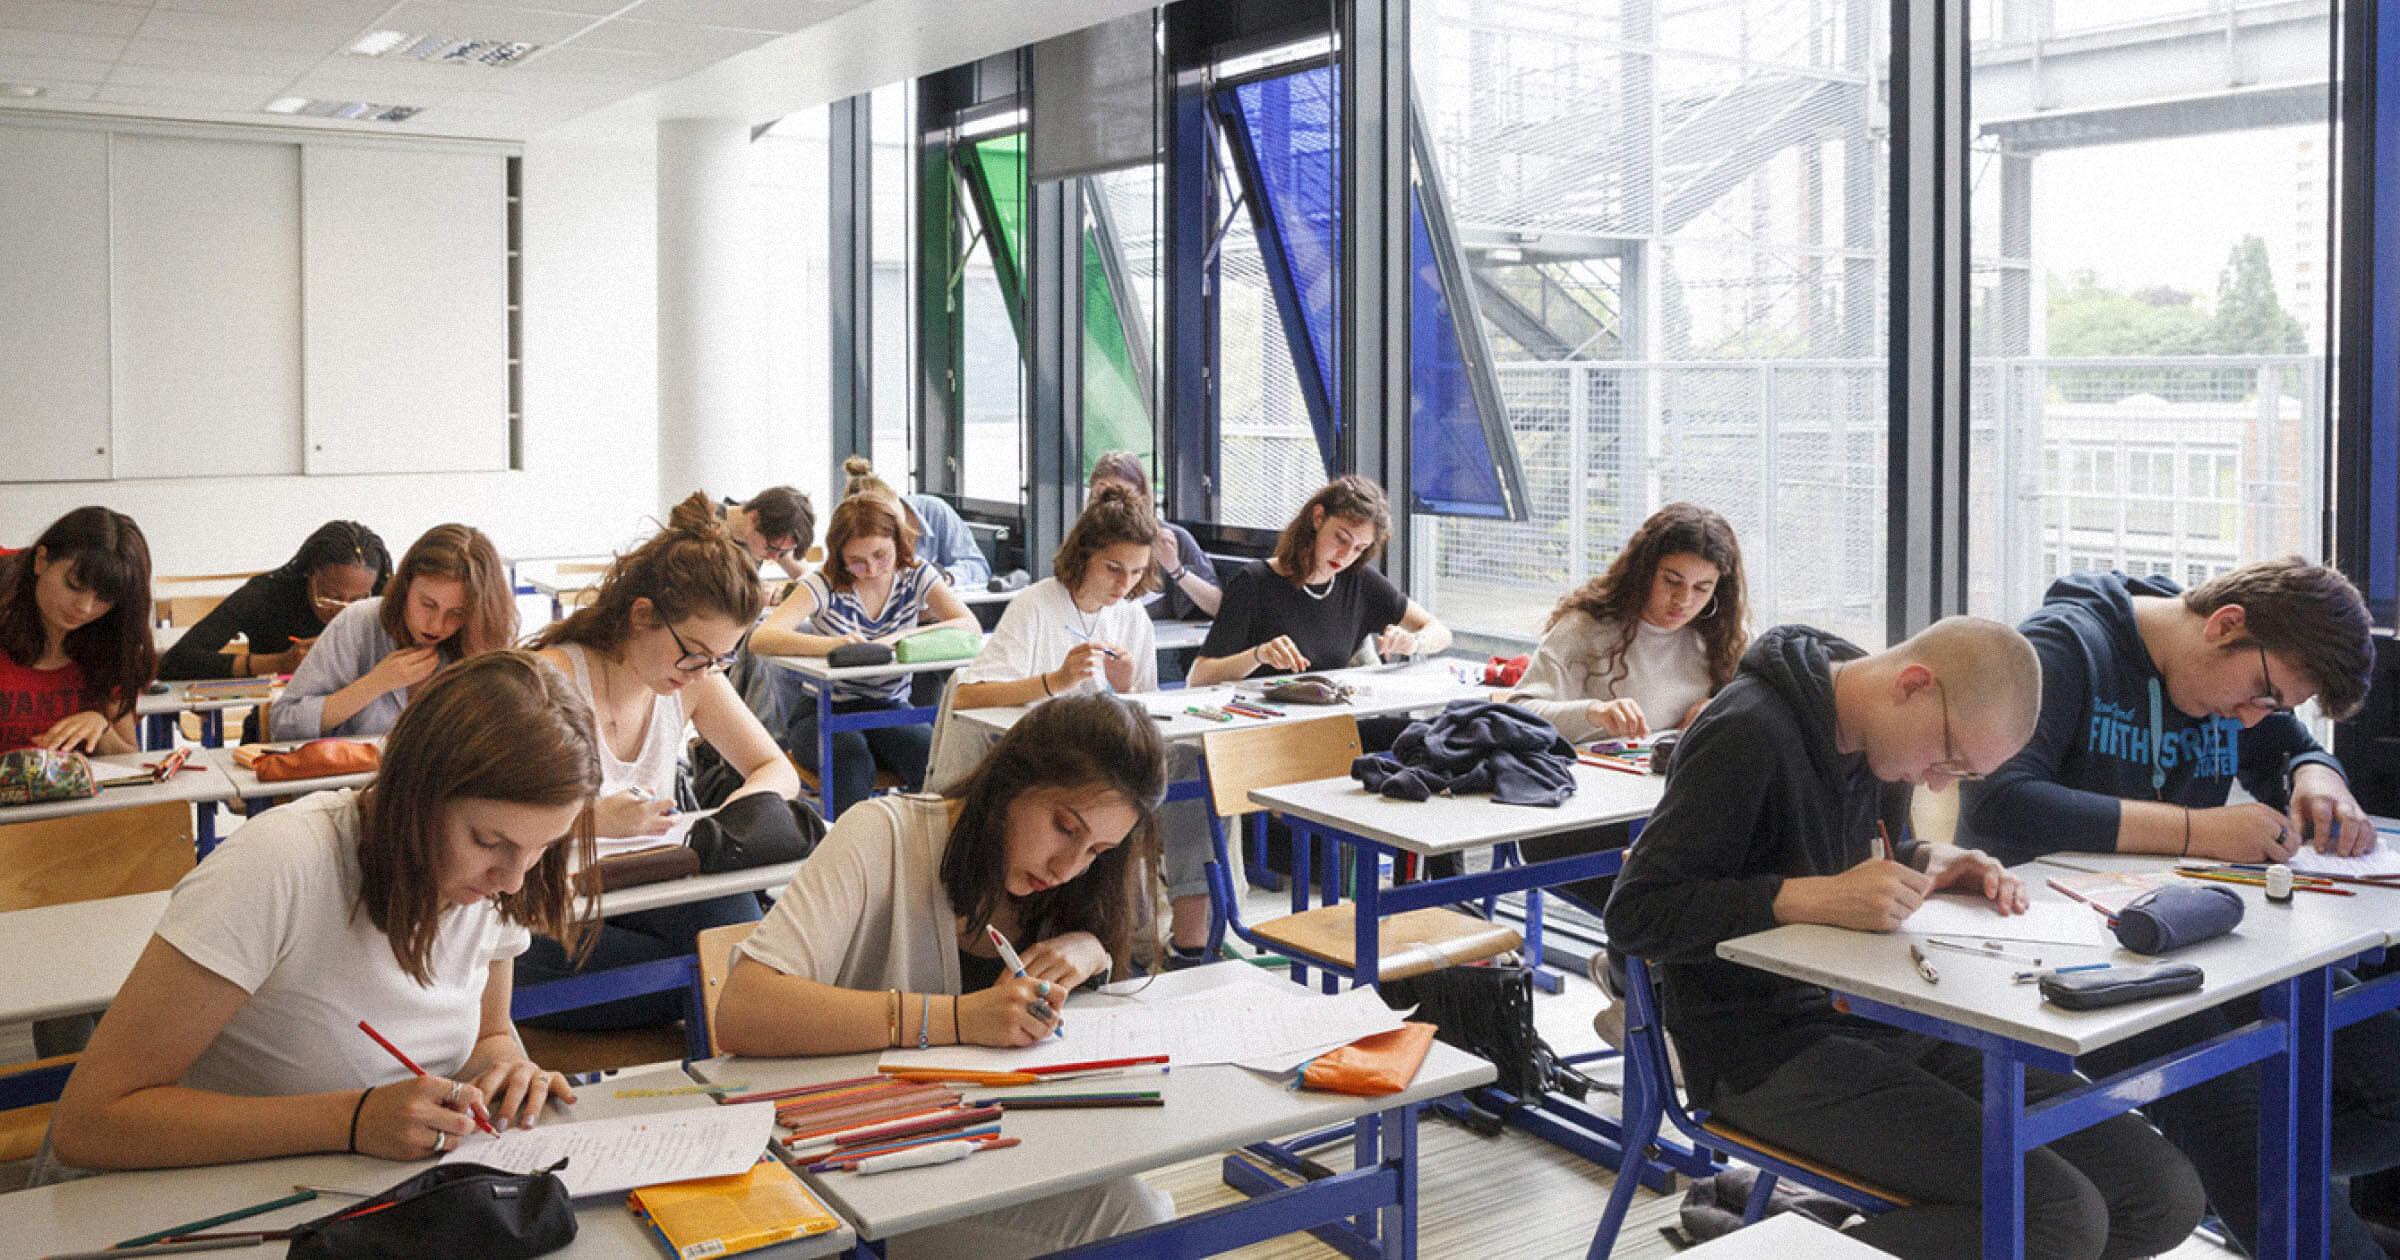 папачитает   Удивительно, но в европейских школах нет предмета